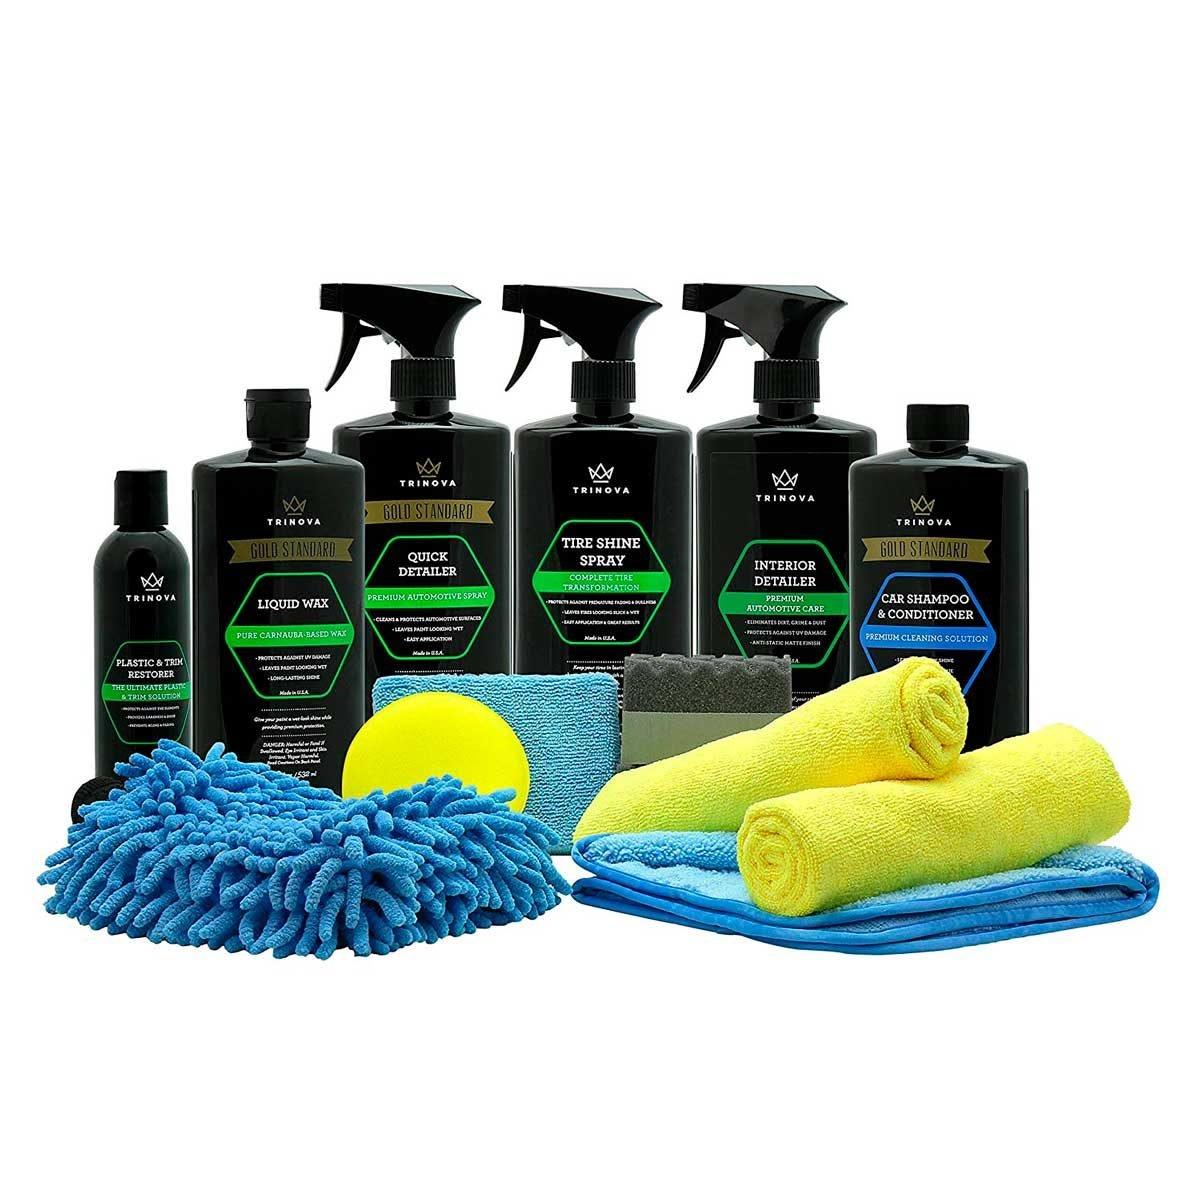 trinova car wash kit